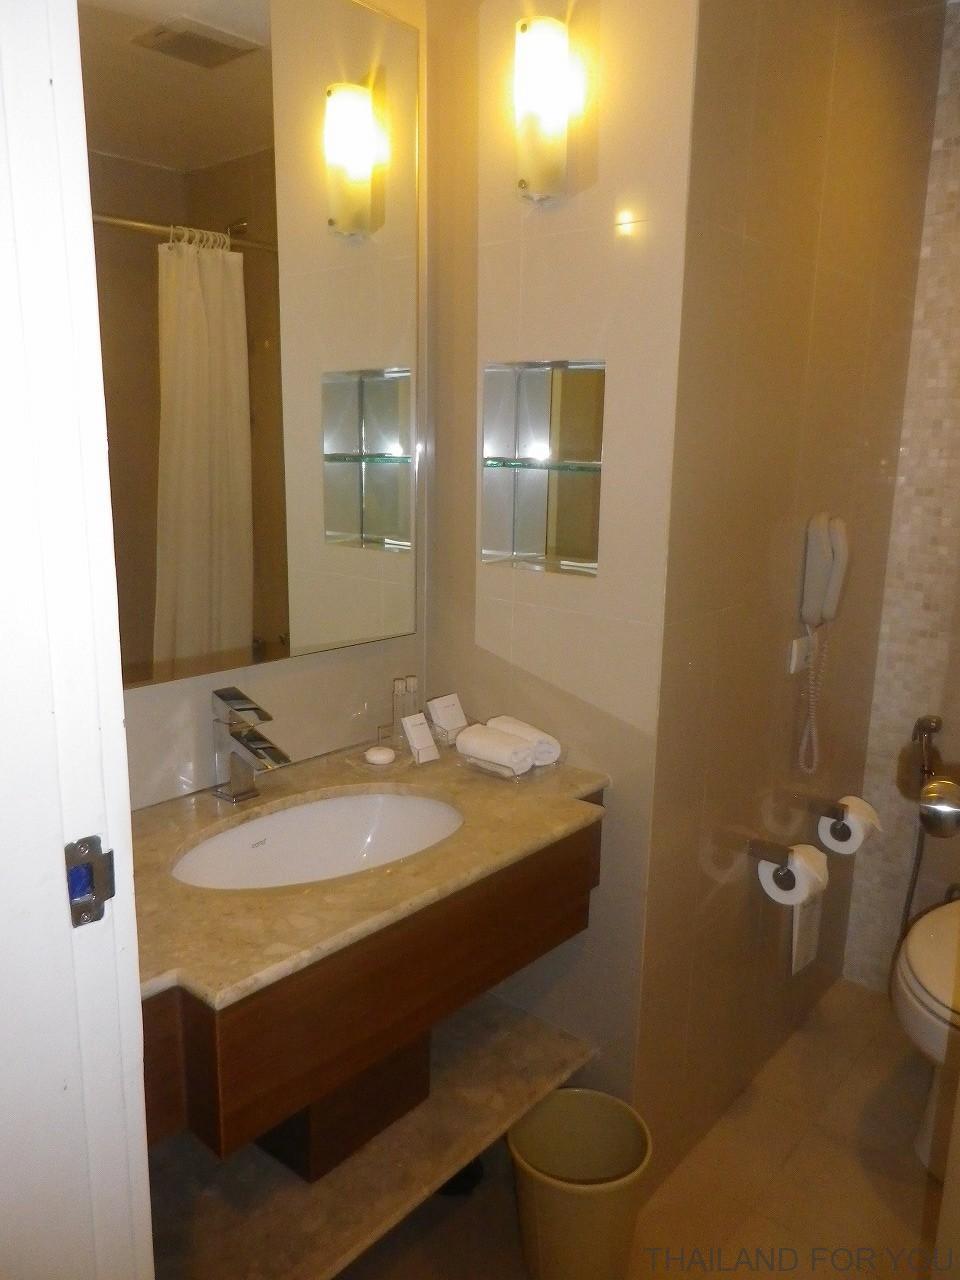 ドゥシット プリンセス チェンマイ ホテル (Dusit Princess Chiang Mai Hotel) バスルーム 写真